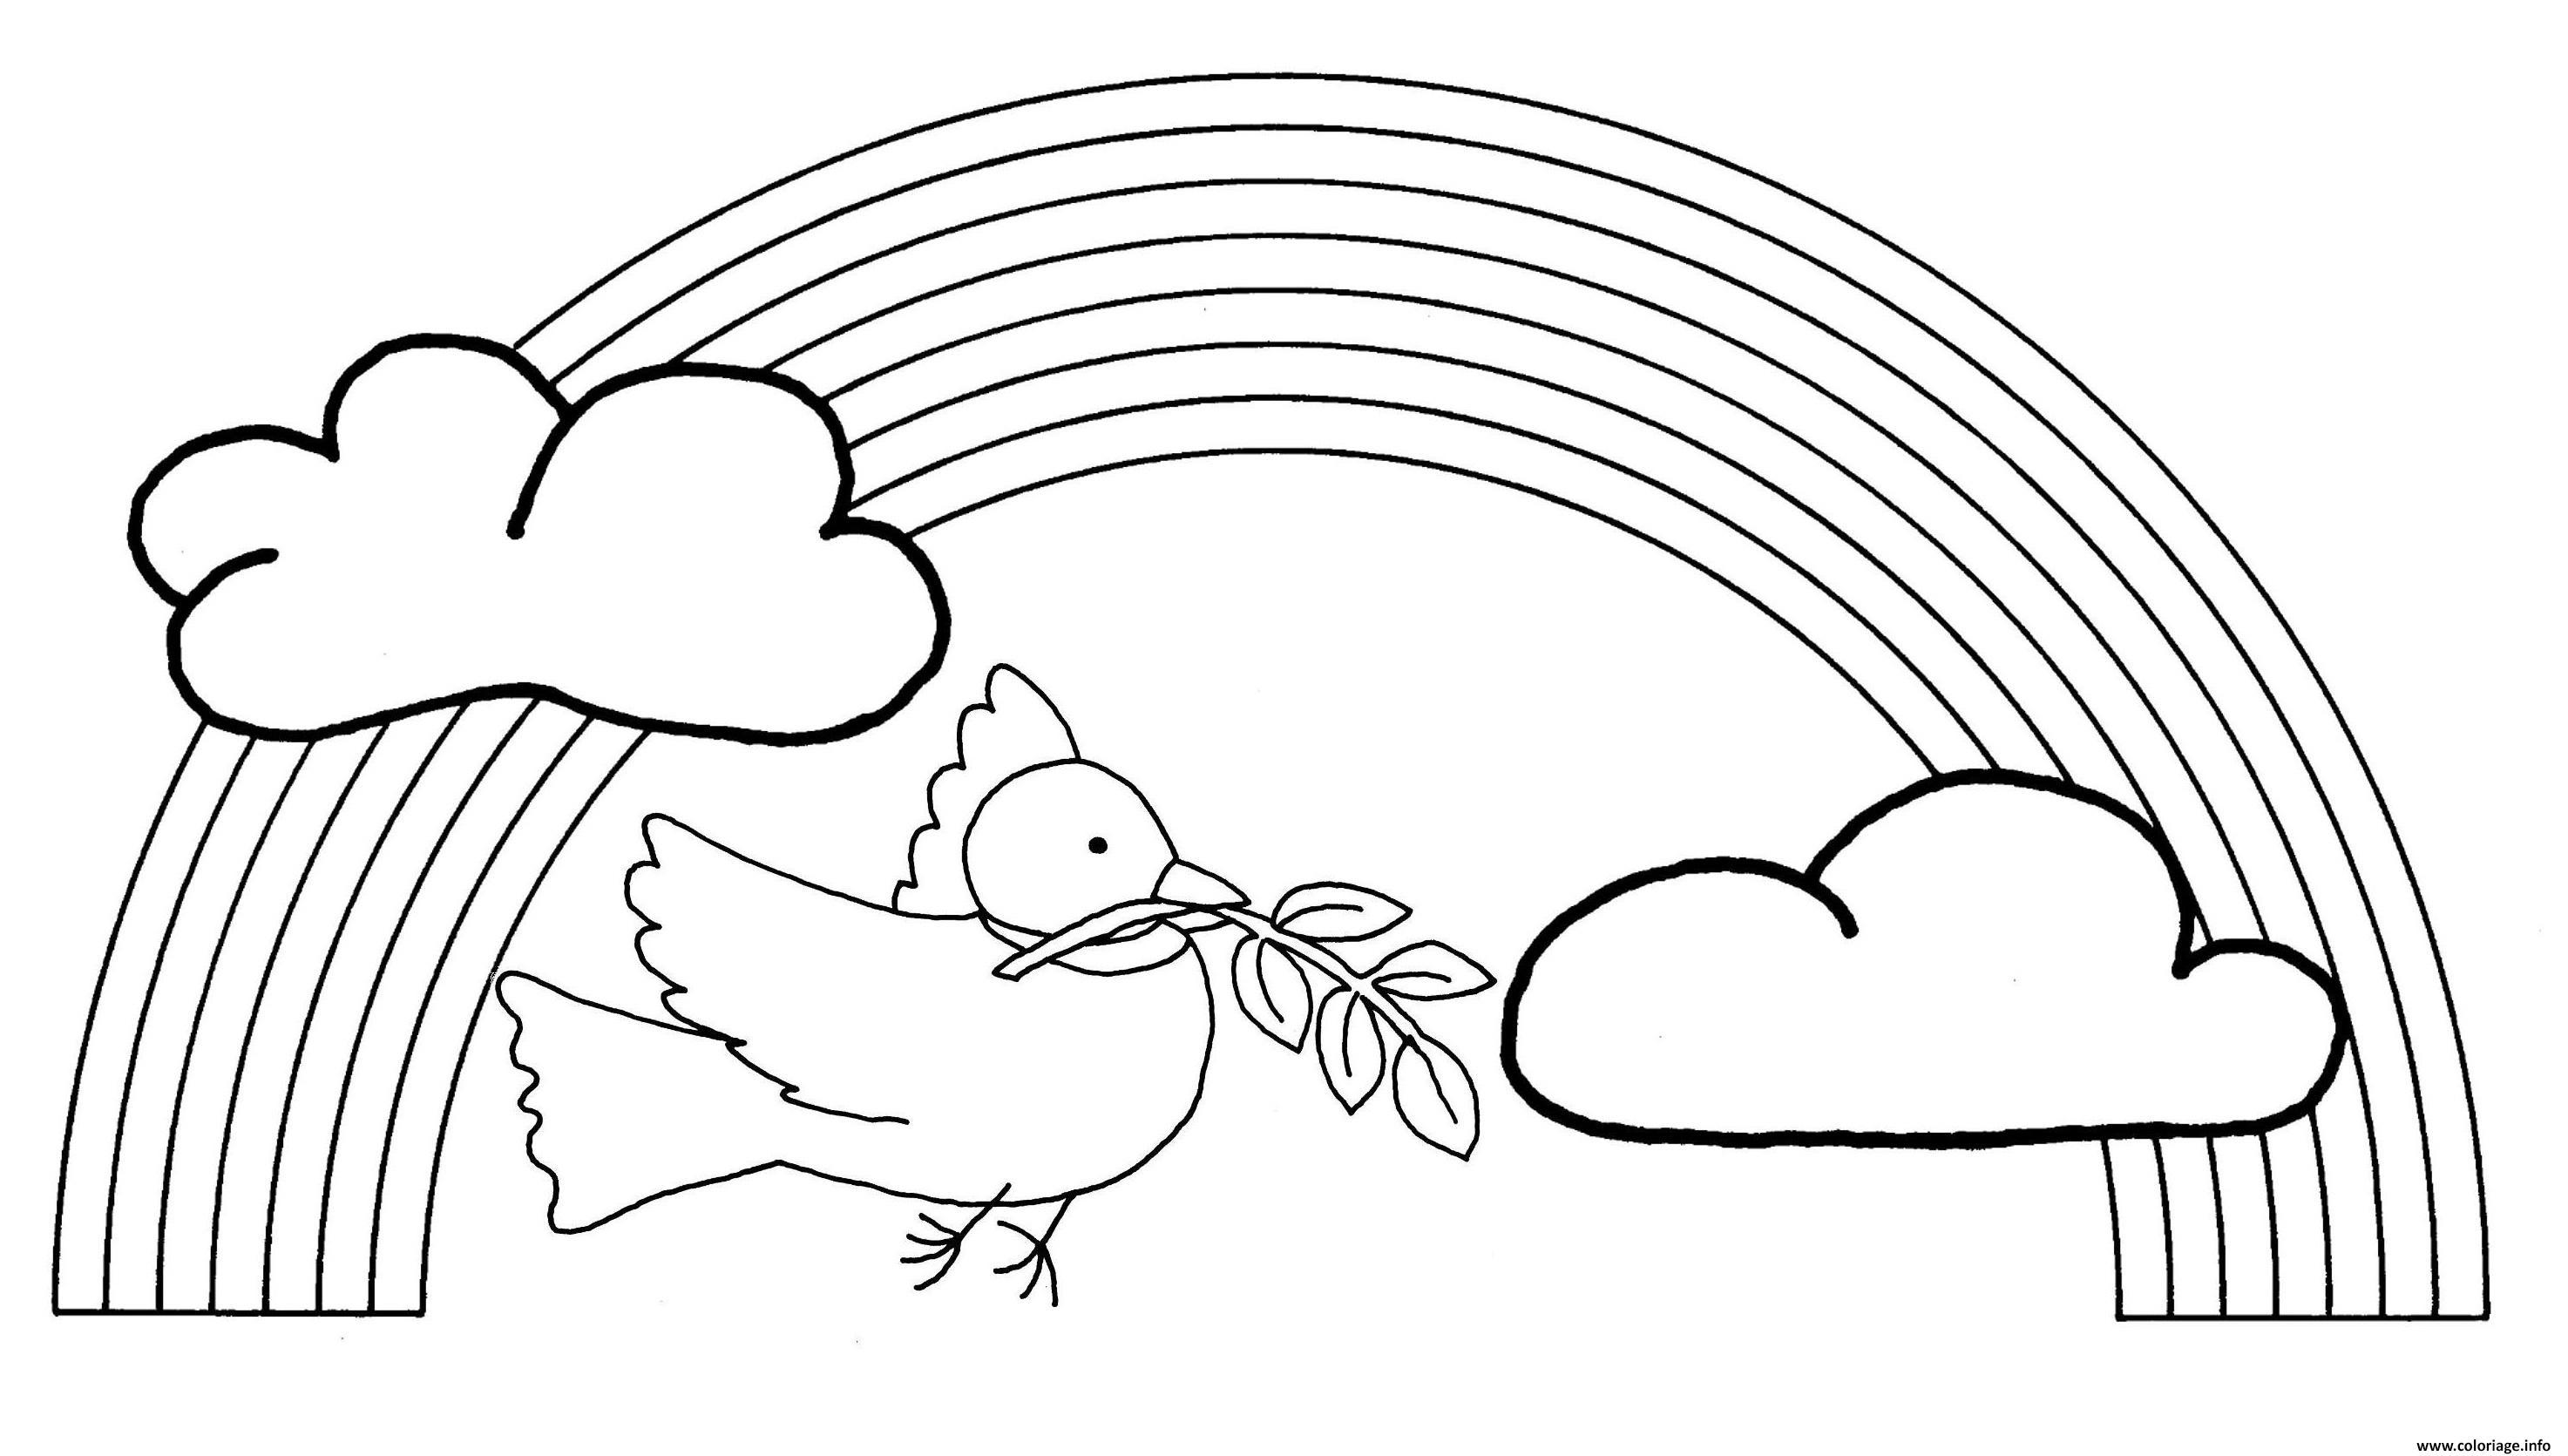 Coloriage oiseau arc en ciel dessin - Dessin d oiseau a imprimer ...